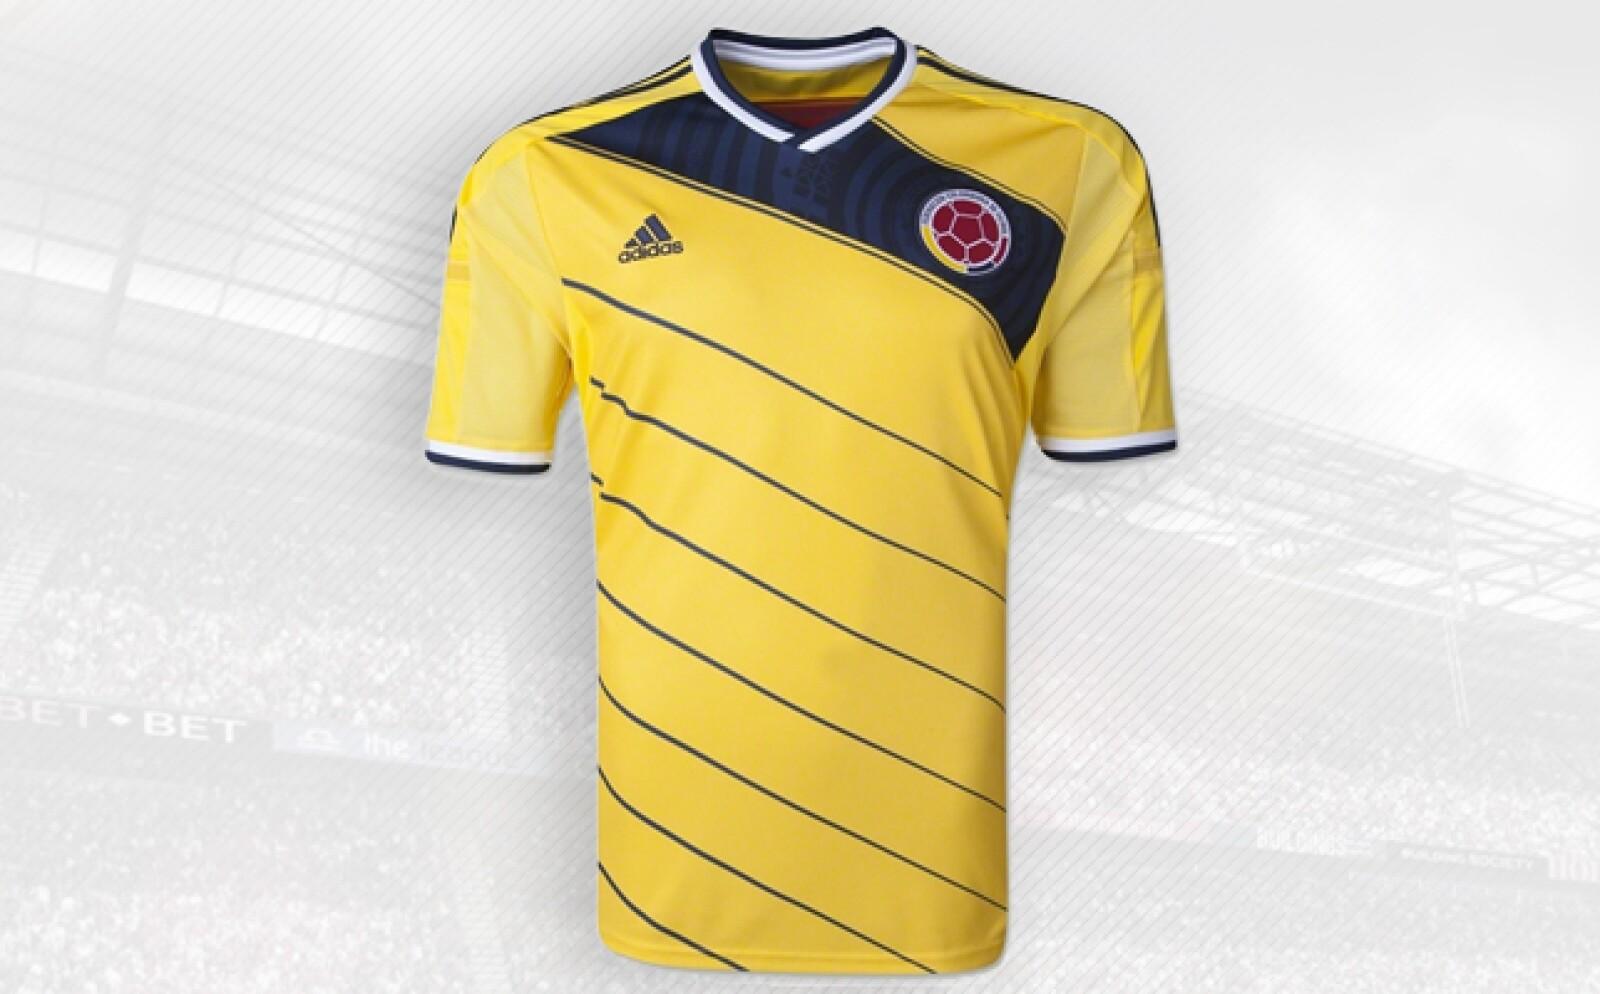 El contrato entre Adidas y Colombia se firmó en 2011, y se acaba de renovar hasta 2022.